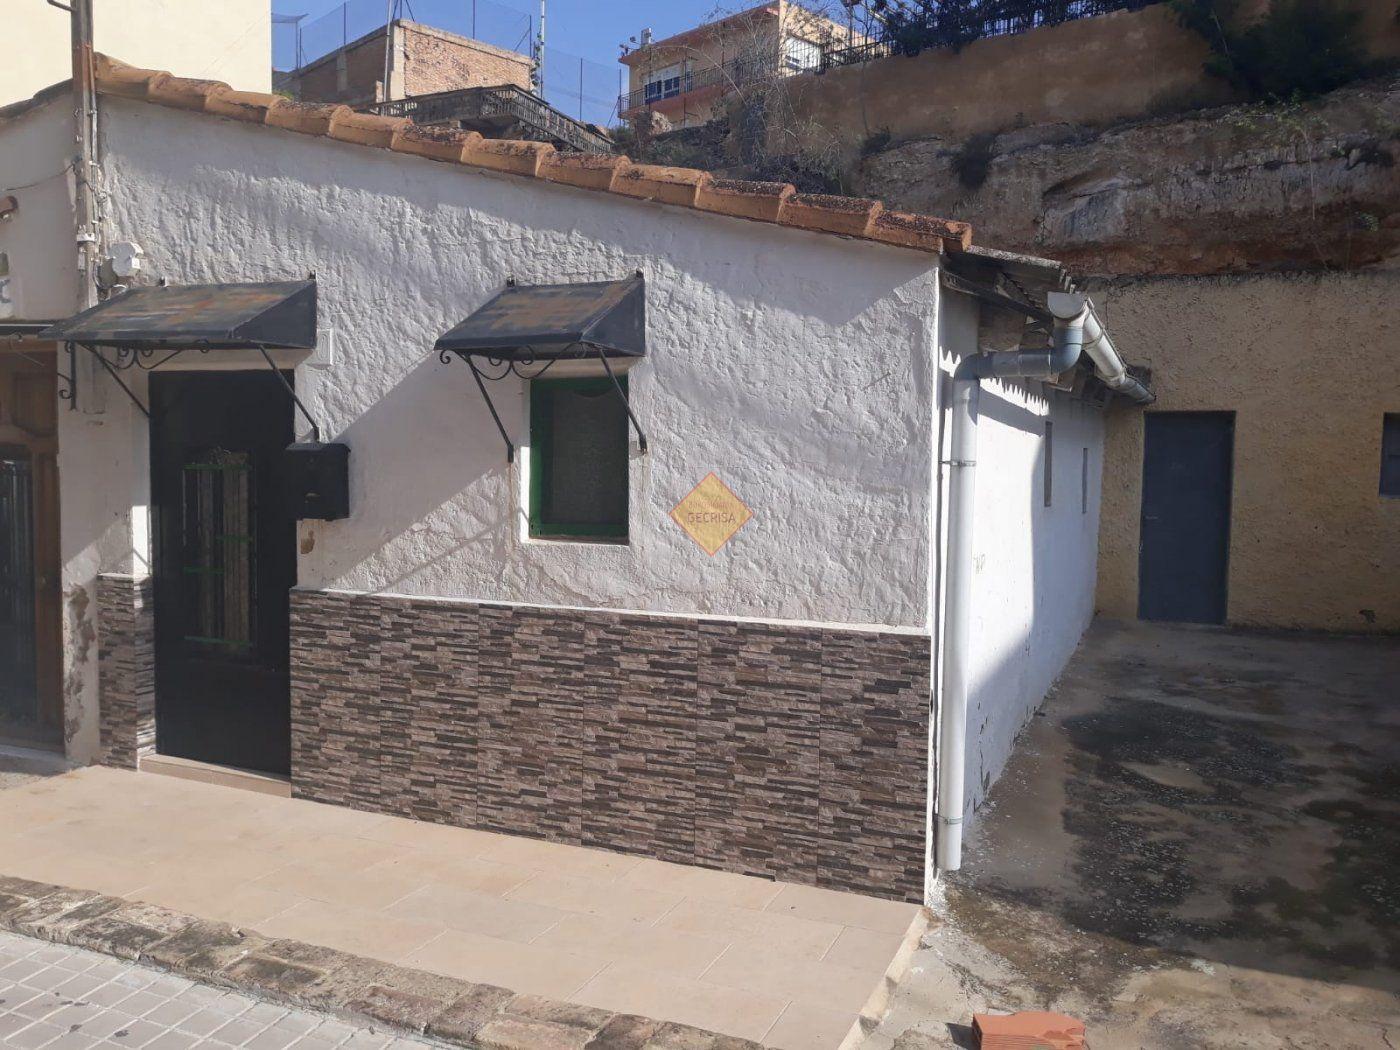 Solar urbano  Burjassot ,santa gema. Parcela de tres viviendas juntas con 12 metros de fachada